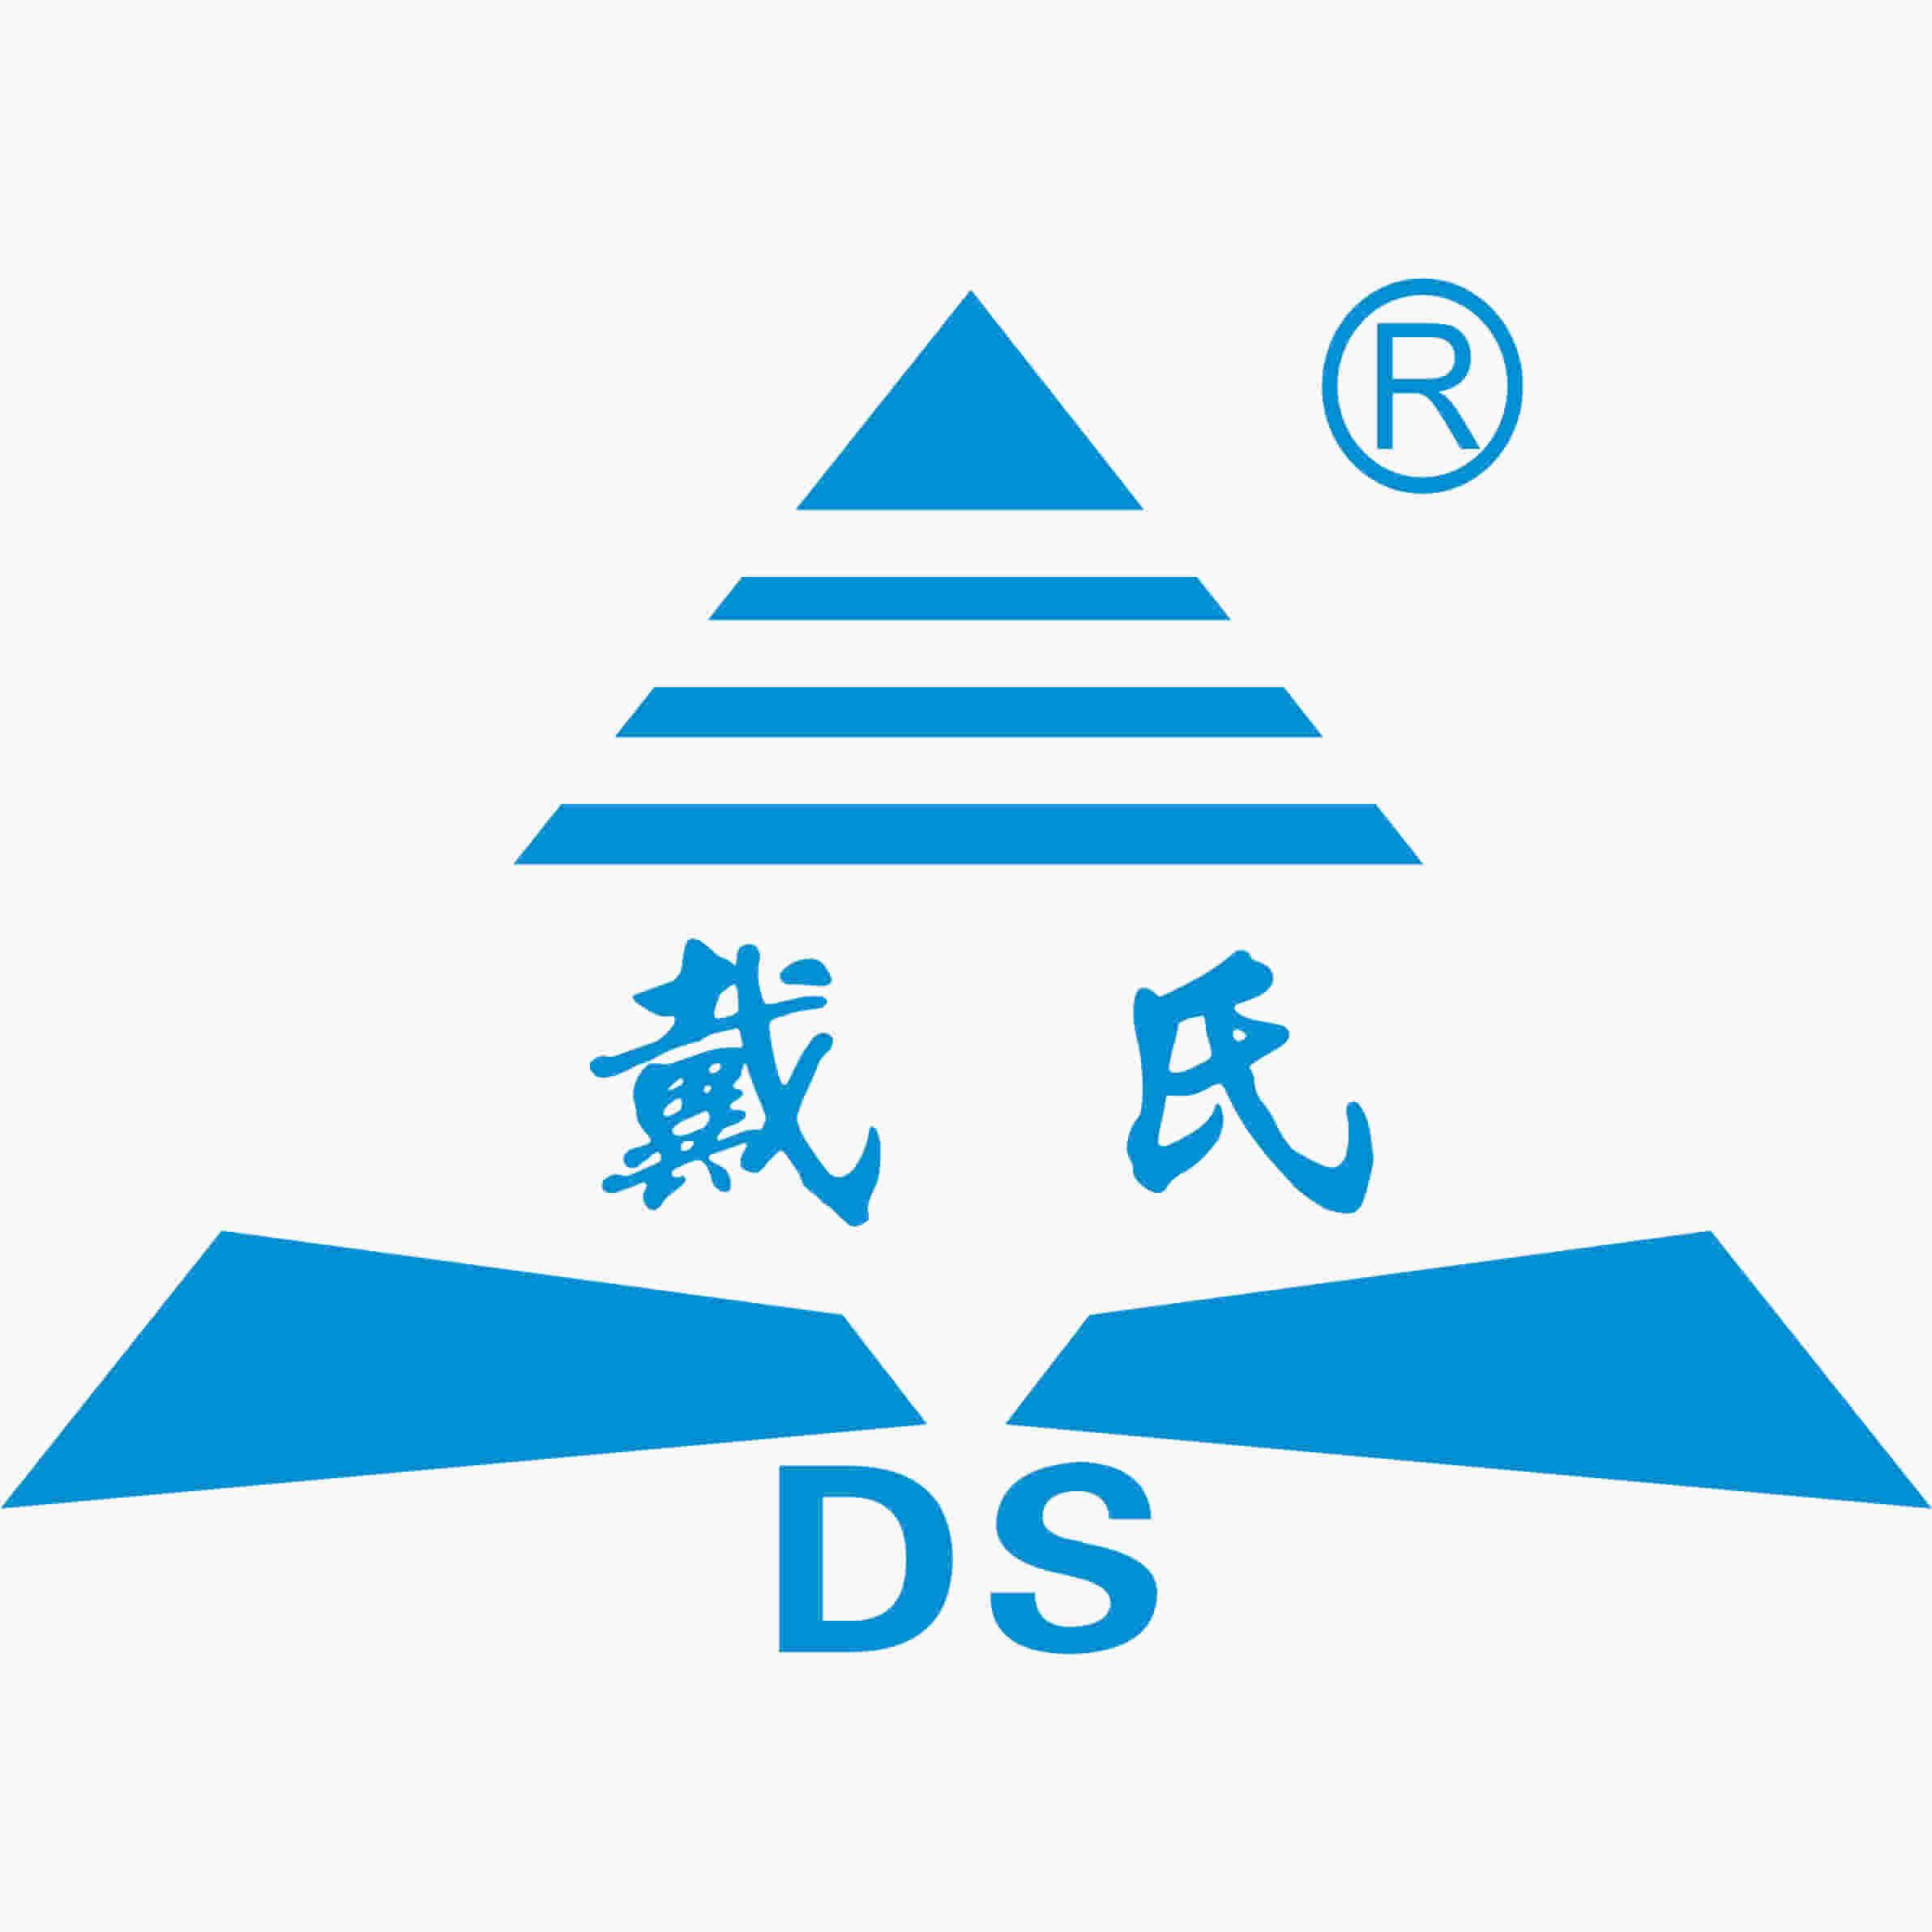 衡阳市蒸湘区华越戴氏教育培训学校有限公司